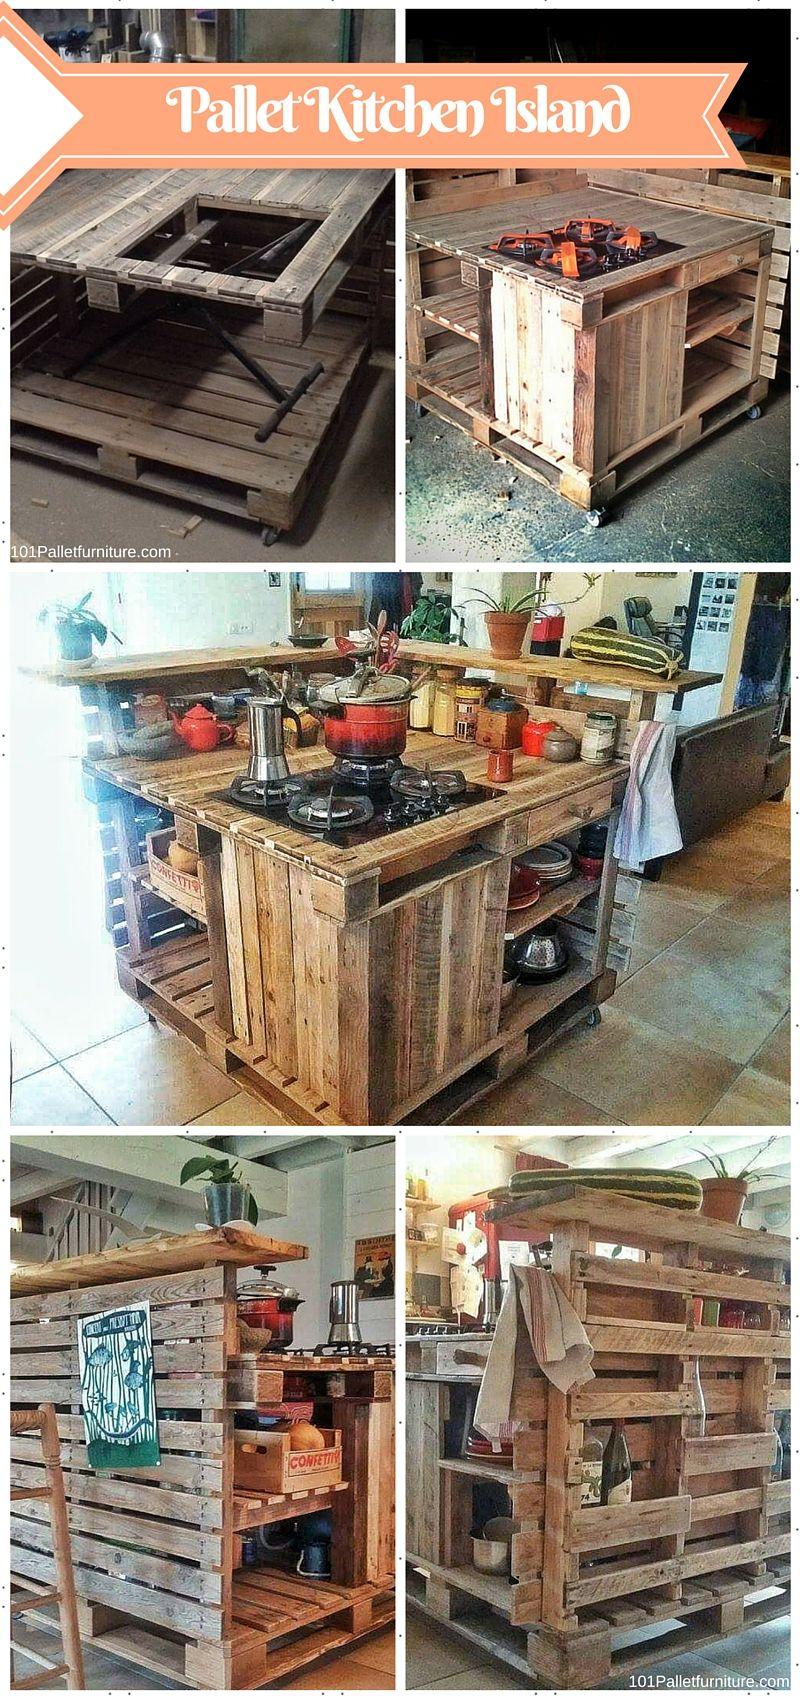 pallet kitchen island pallet kitchen island pallet furniture kitchen island pallet furniture on kitchen island ideas kids id=29584